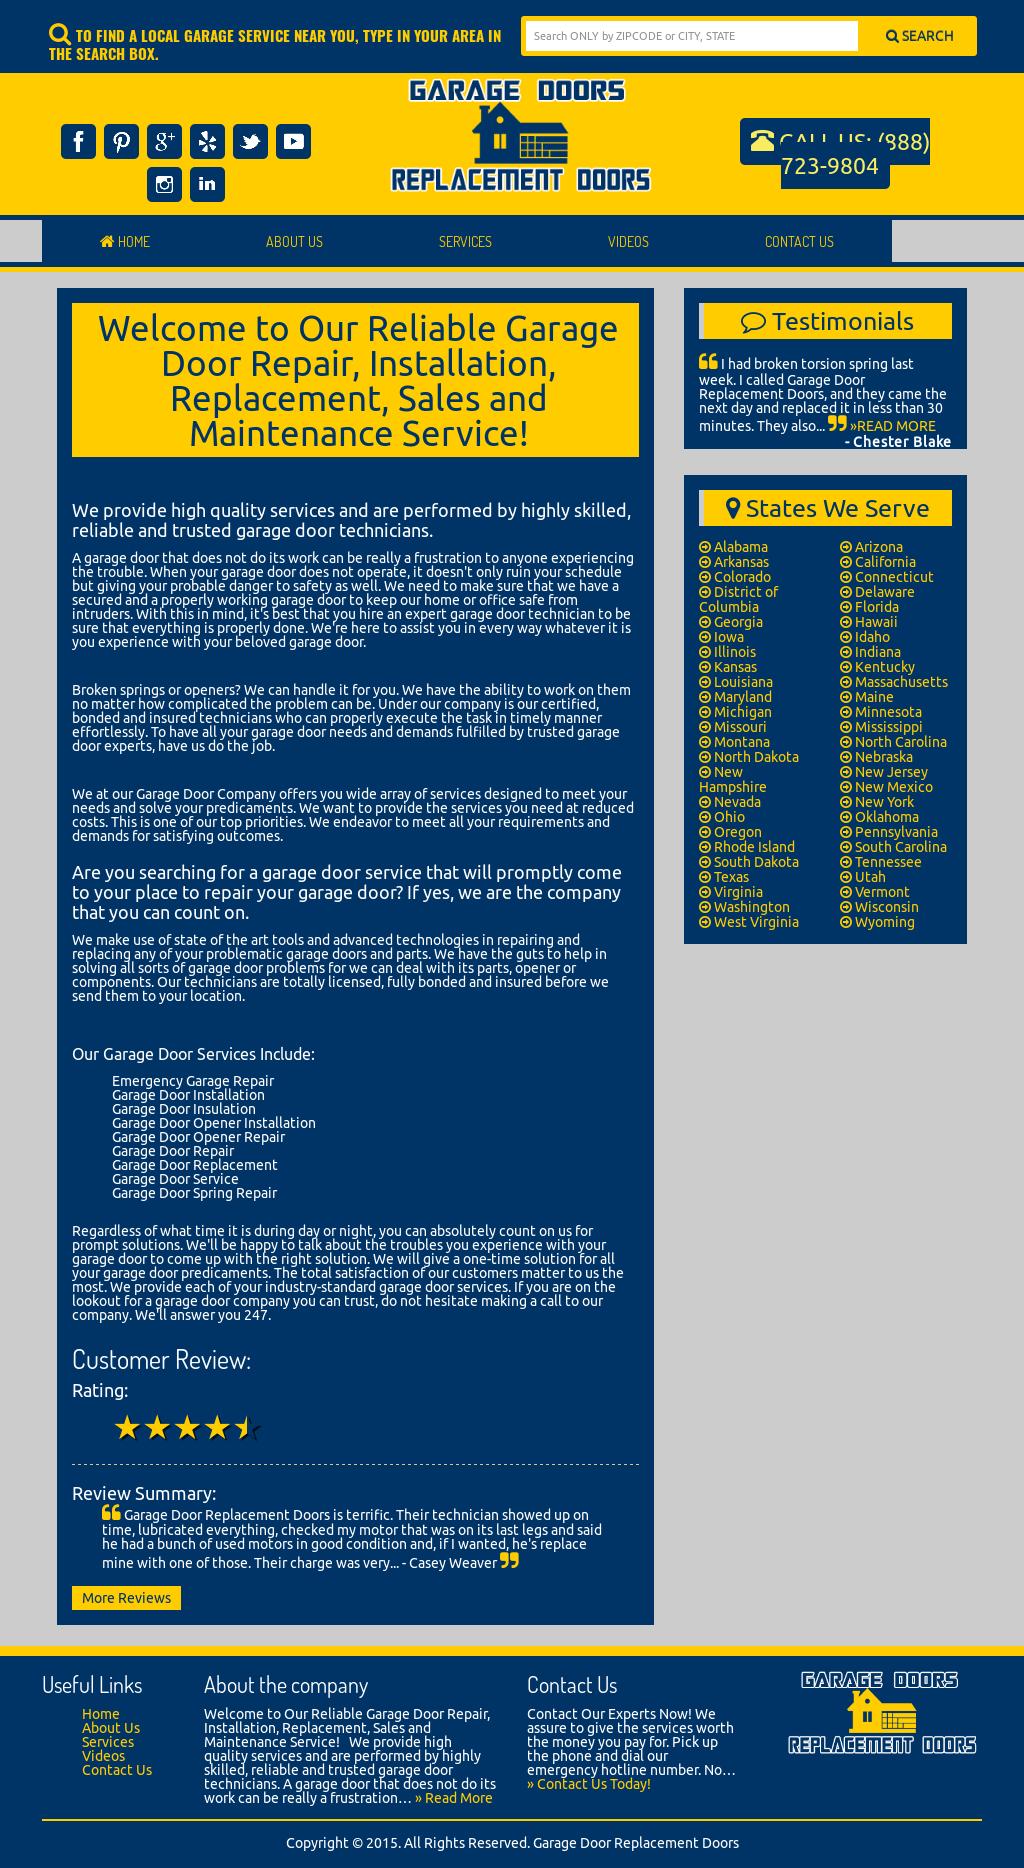 Garage Door Replacement Doors Competitors, Revenue and